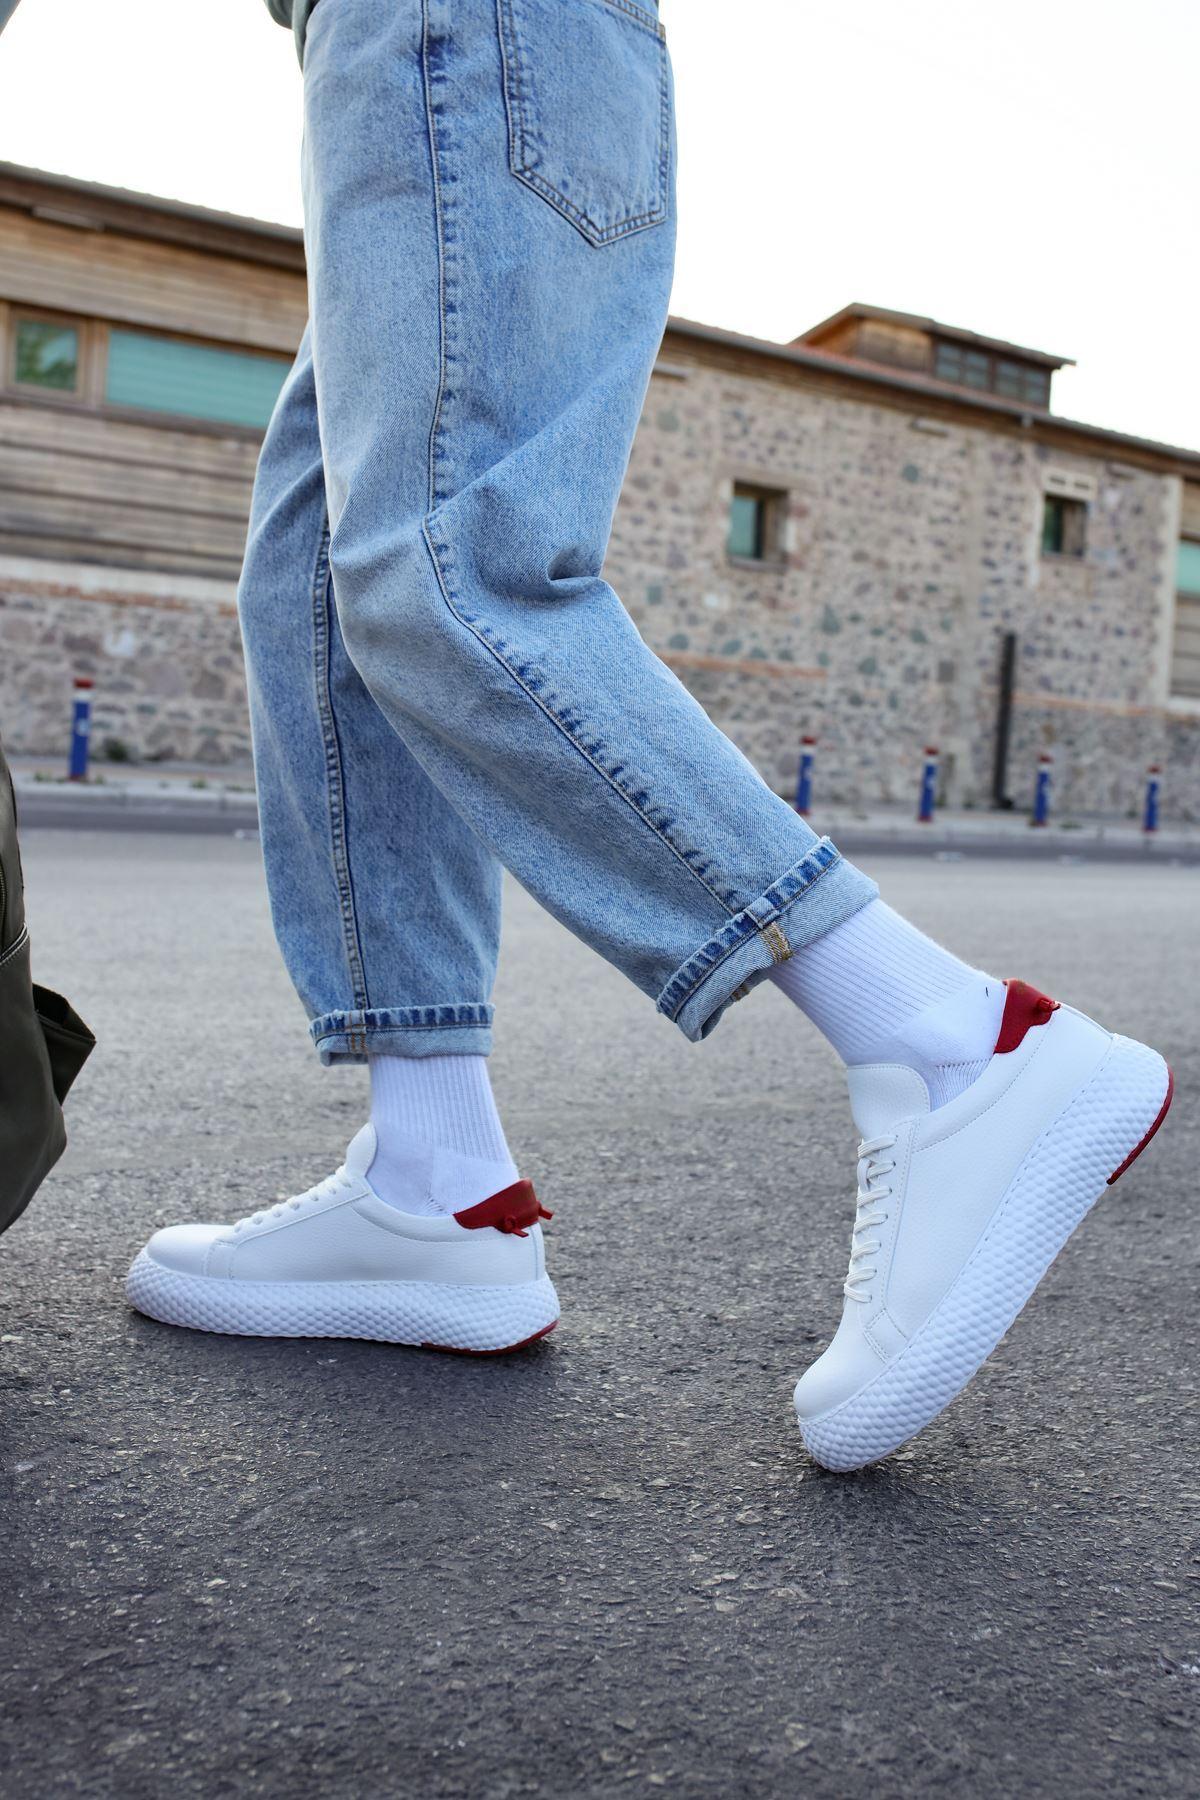 Chekich CH107 GBT Erkek Ayakkabı BEYAZ / KIRMIZI